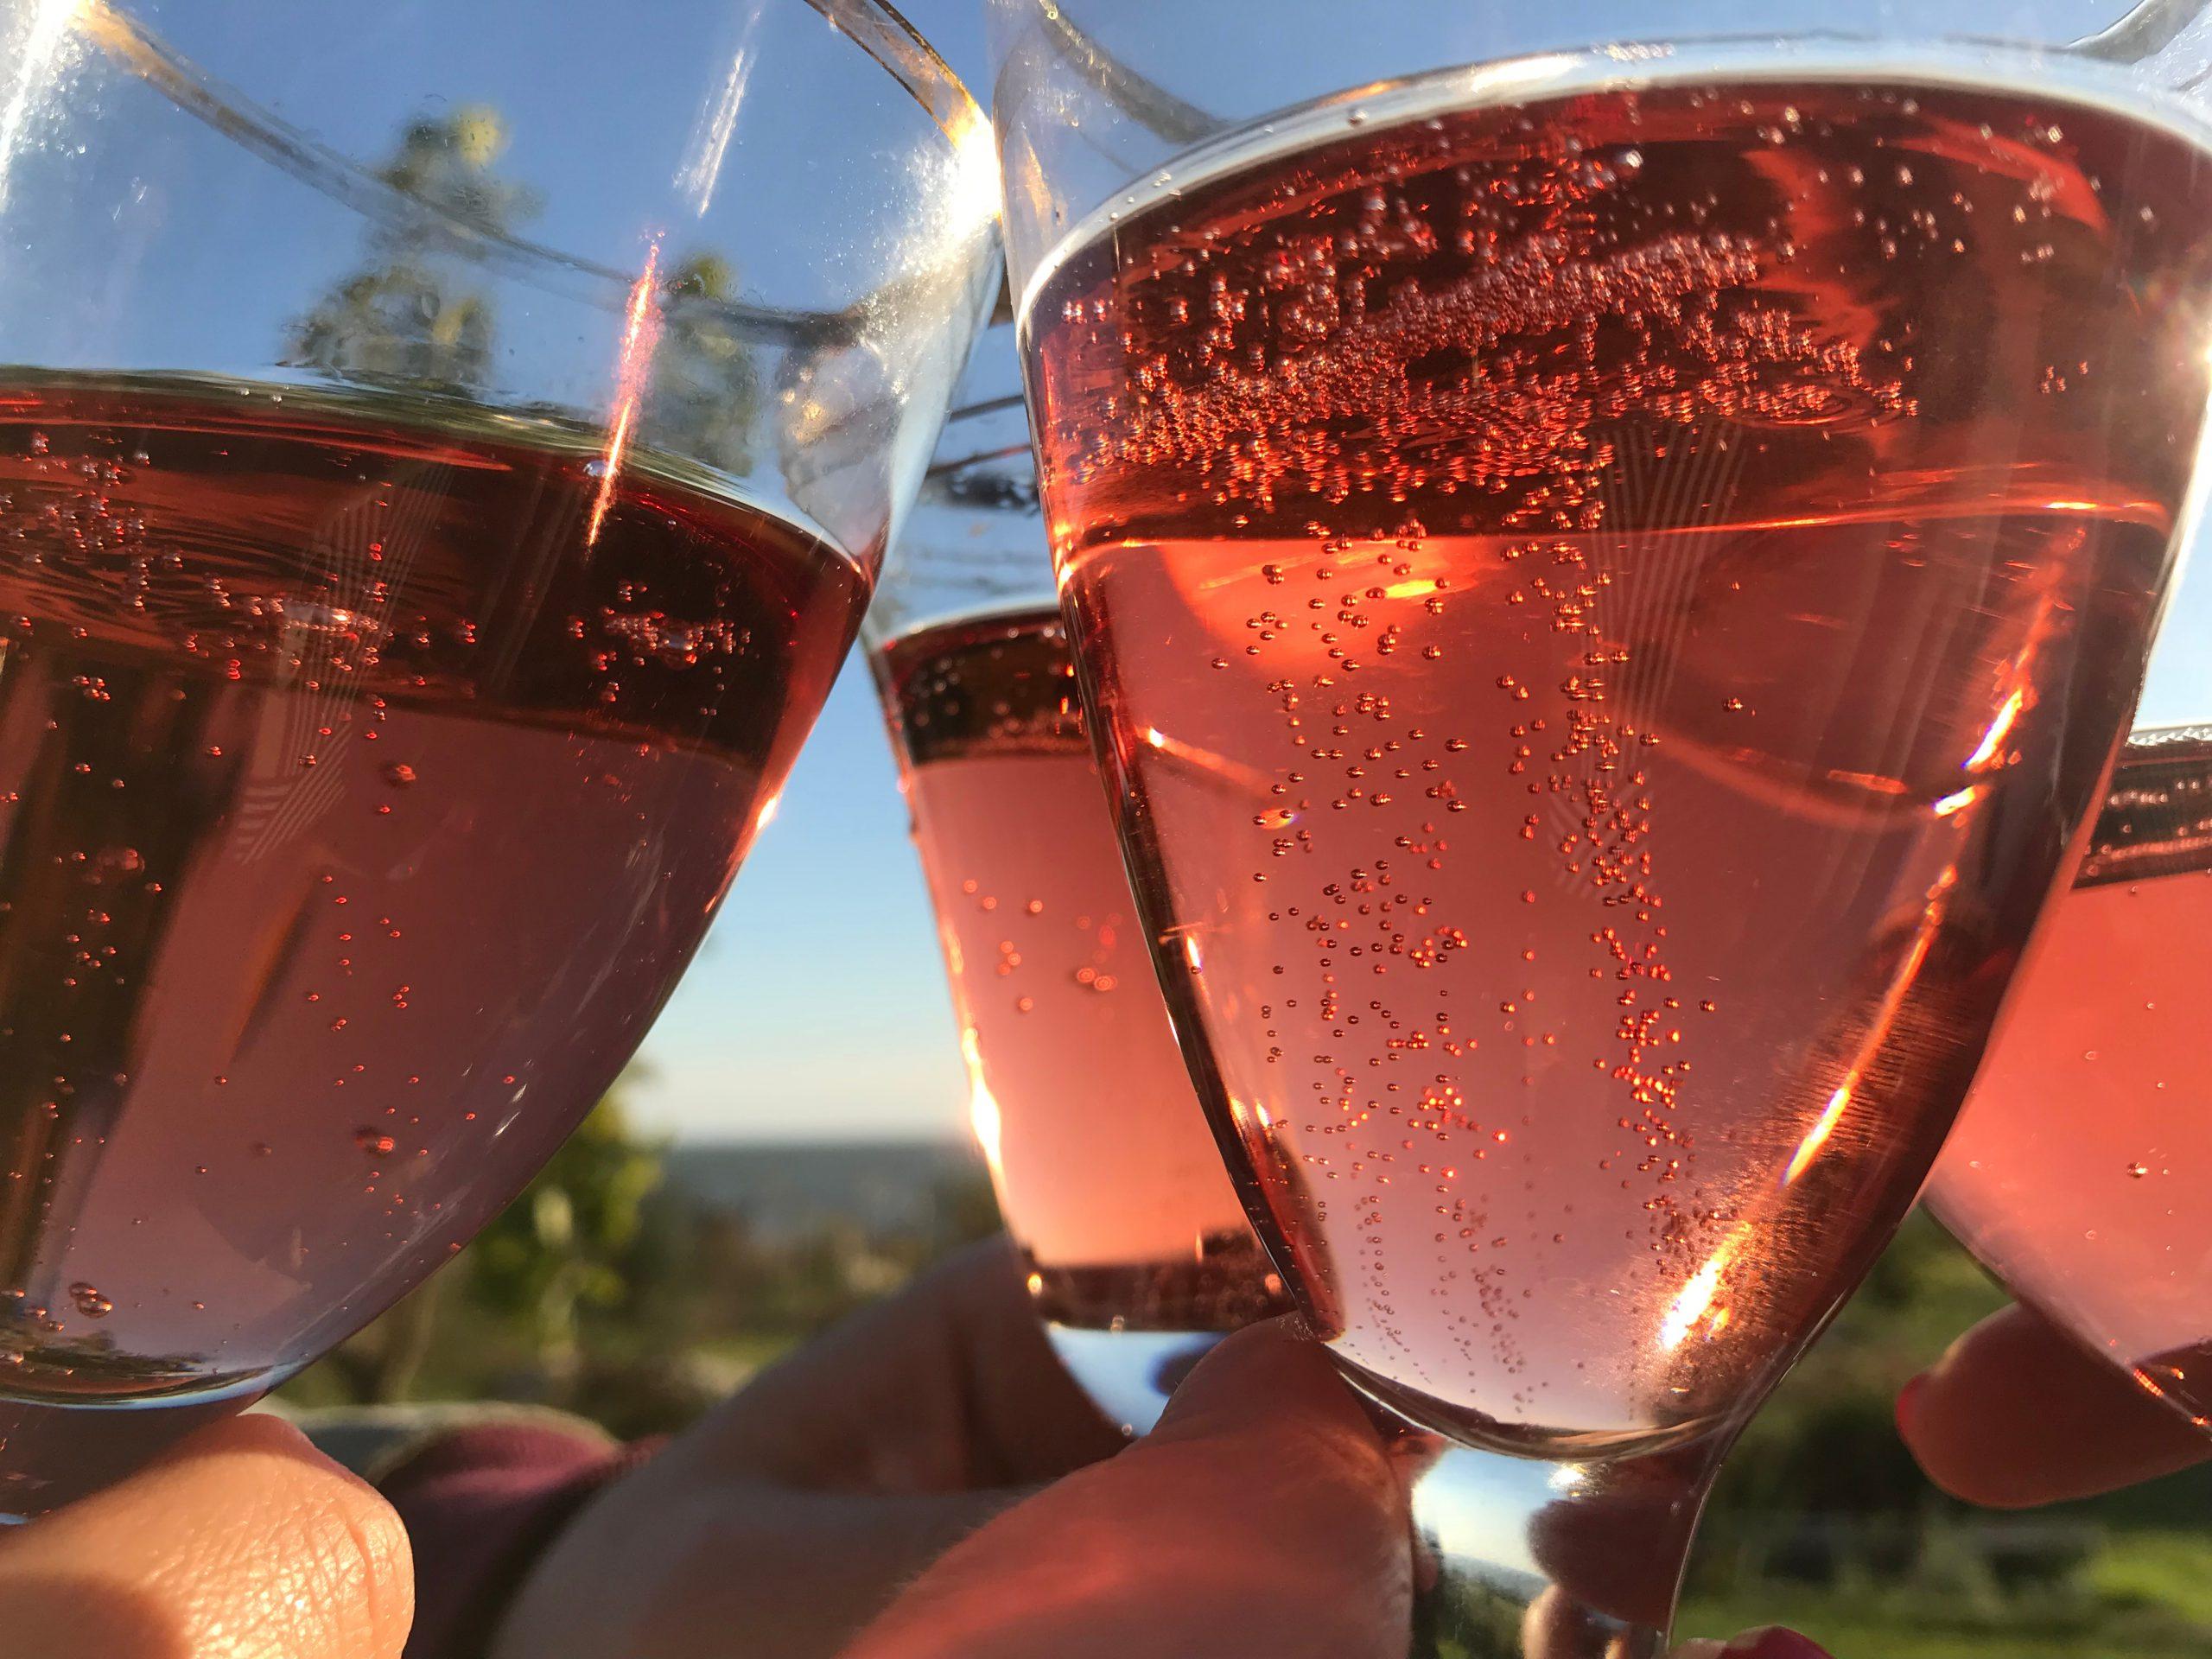 赤いスパークリングワイン・ランブルスコを楽しく飲むコツ